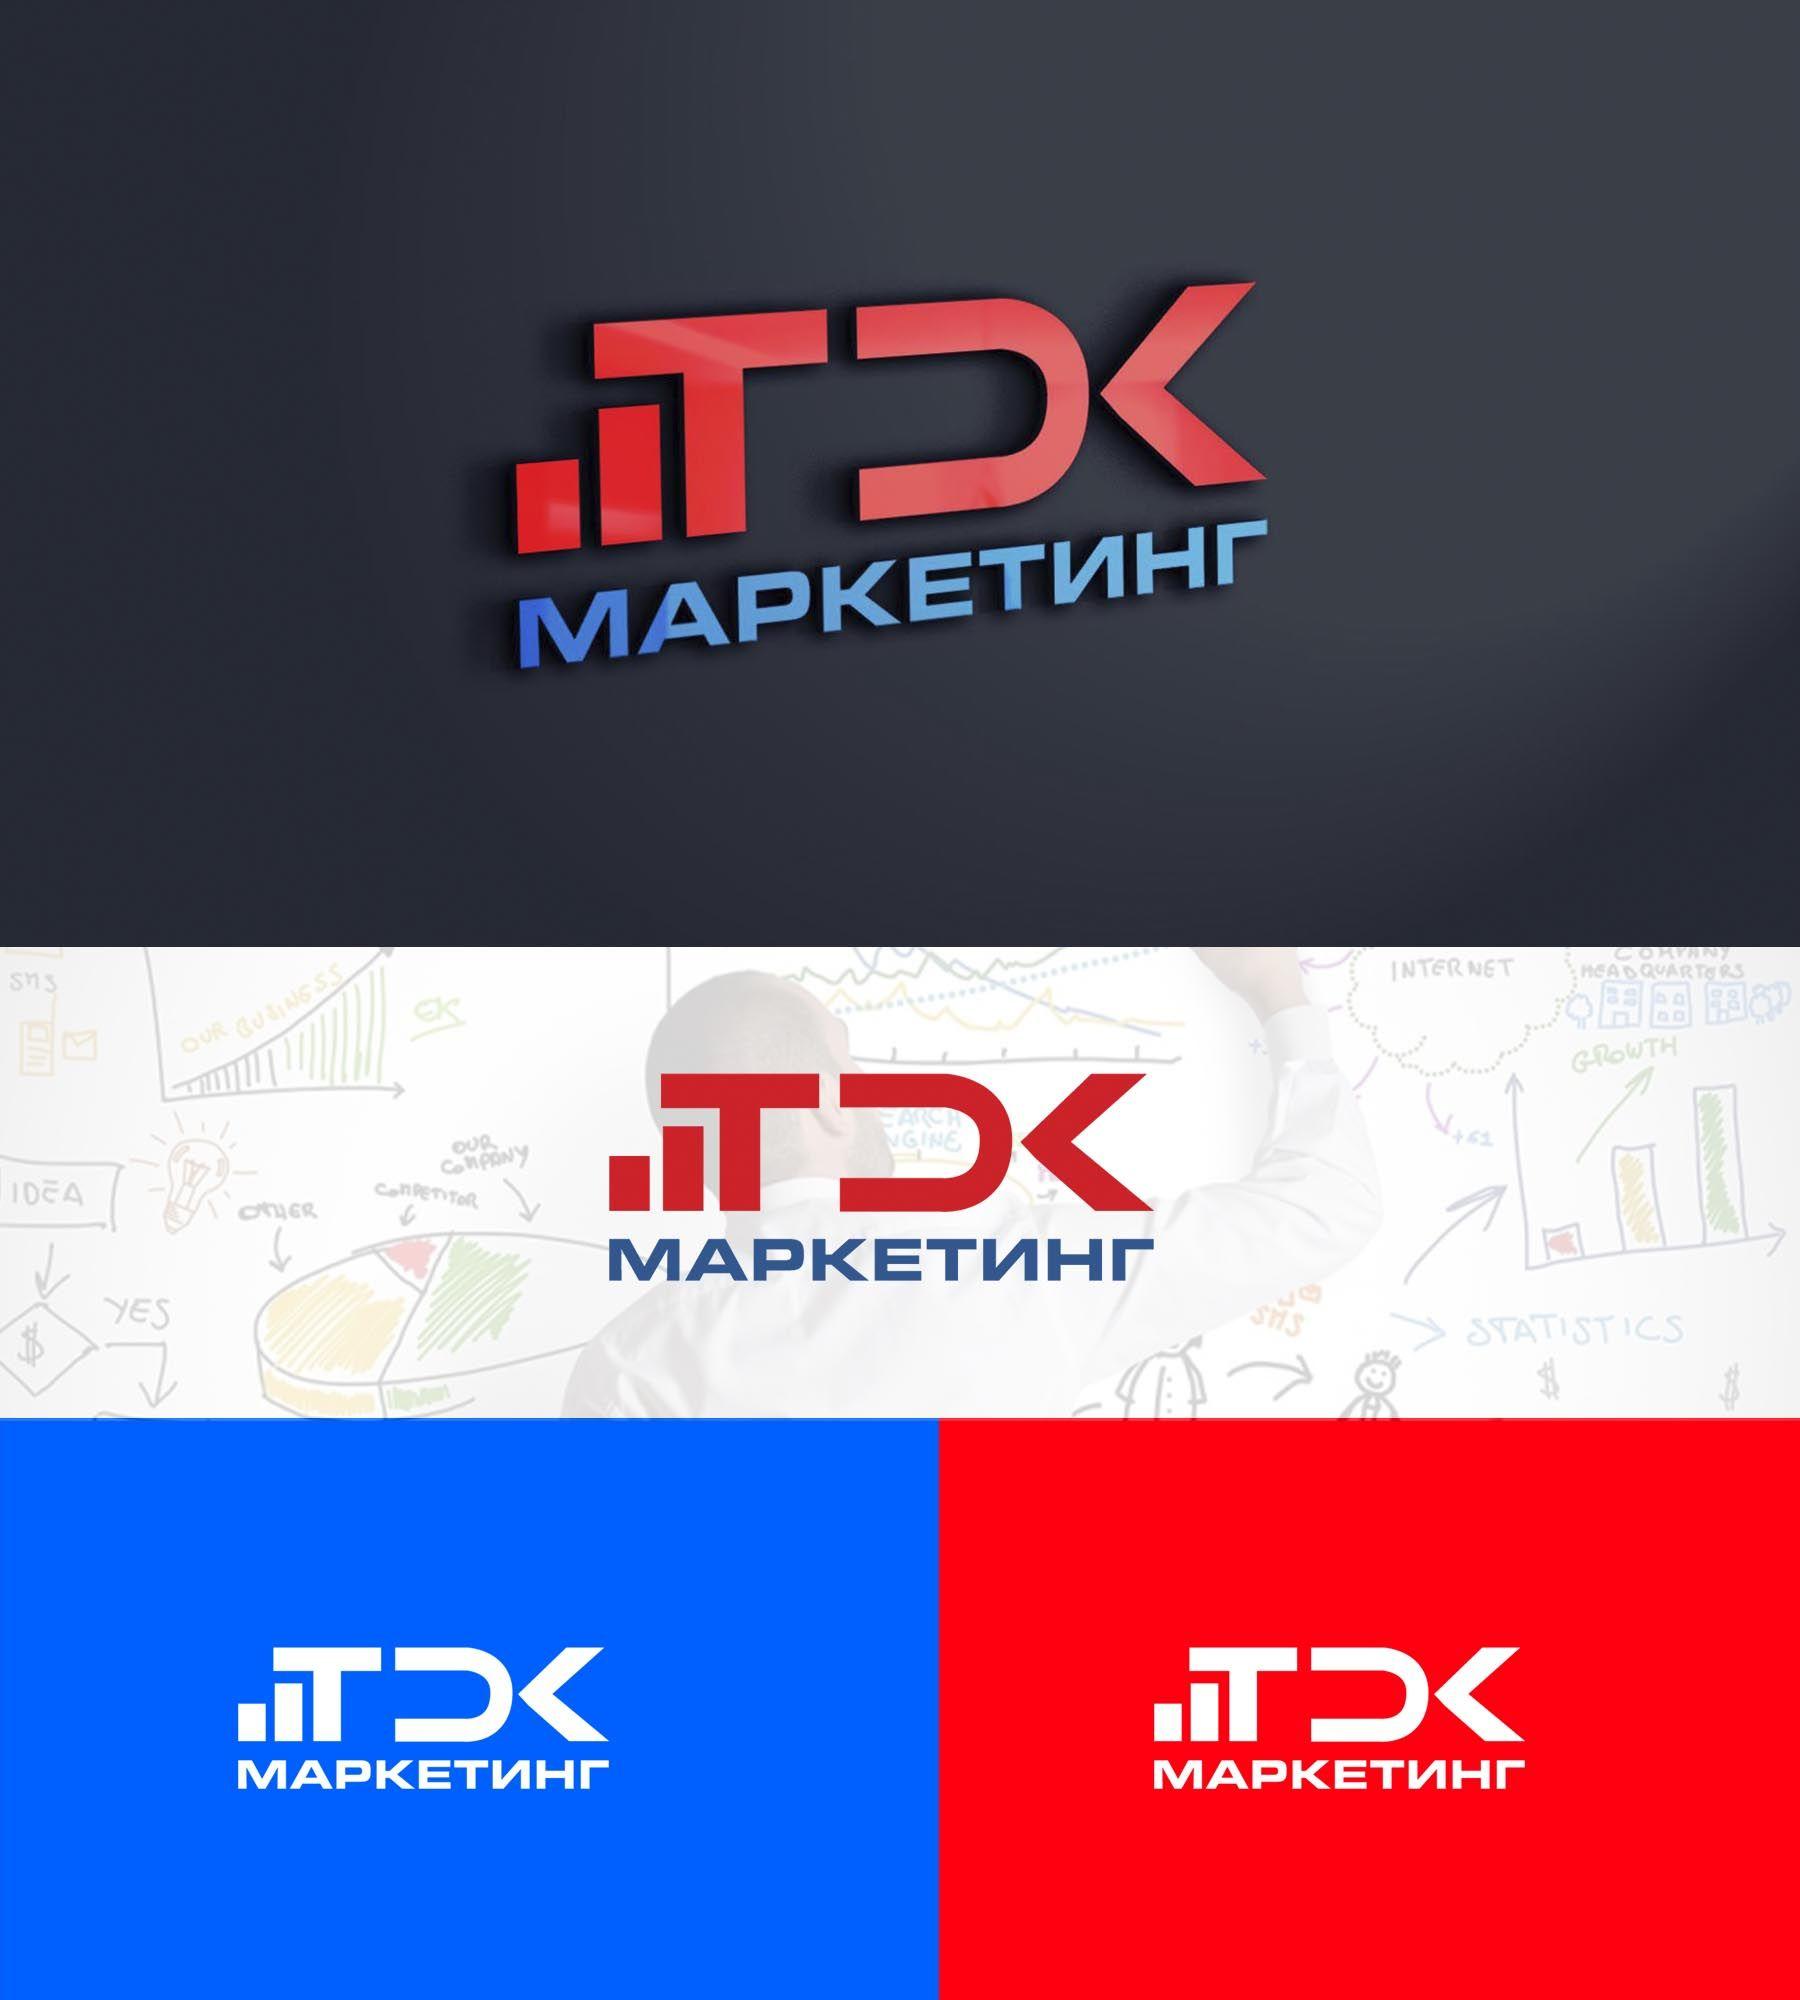 Лого и фирменный стиль для ТДК Маркетинг - дизайнер SmolinDenis